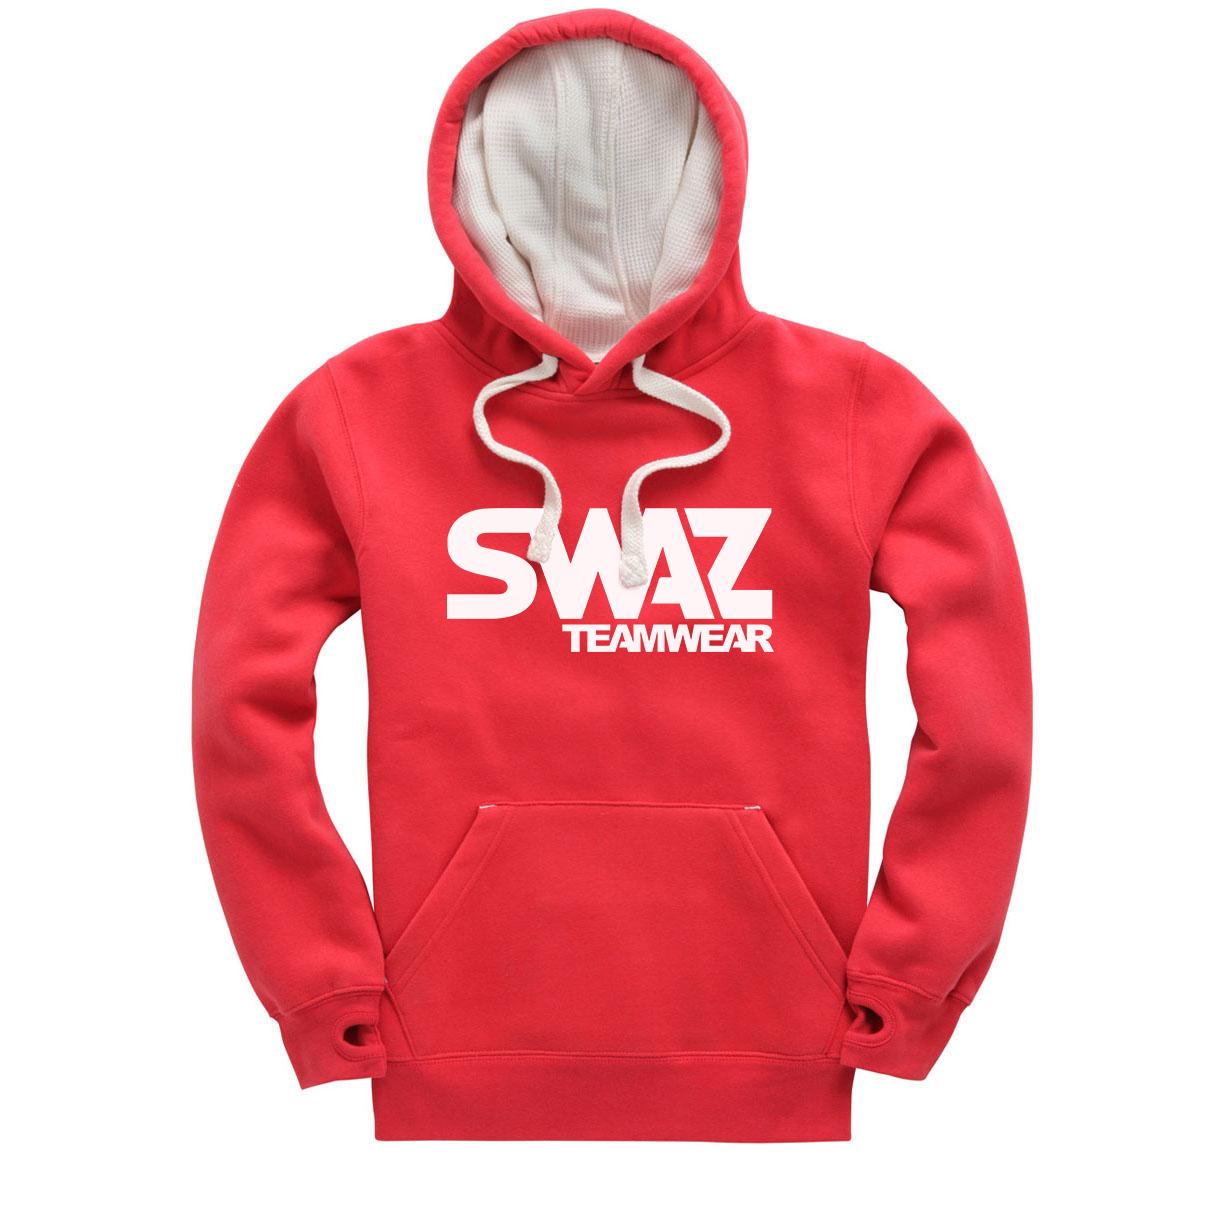 SWAZ Teamwear Classic Hoody – Dust Red